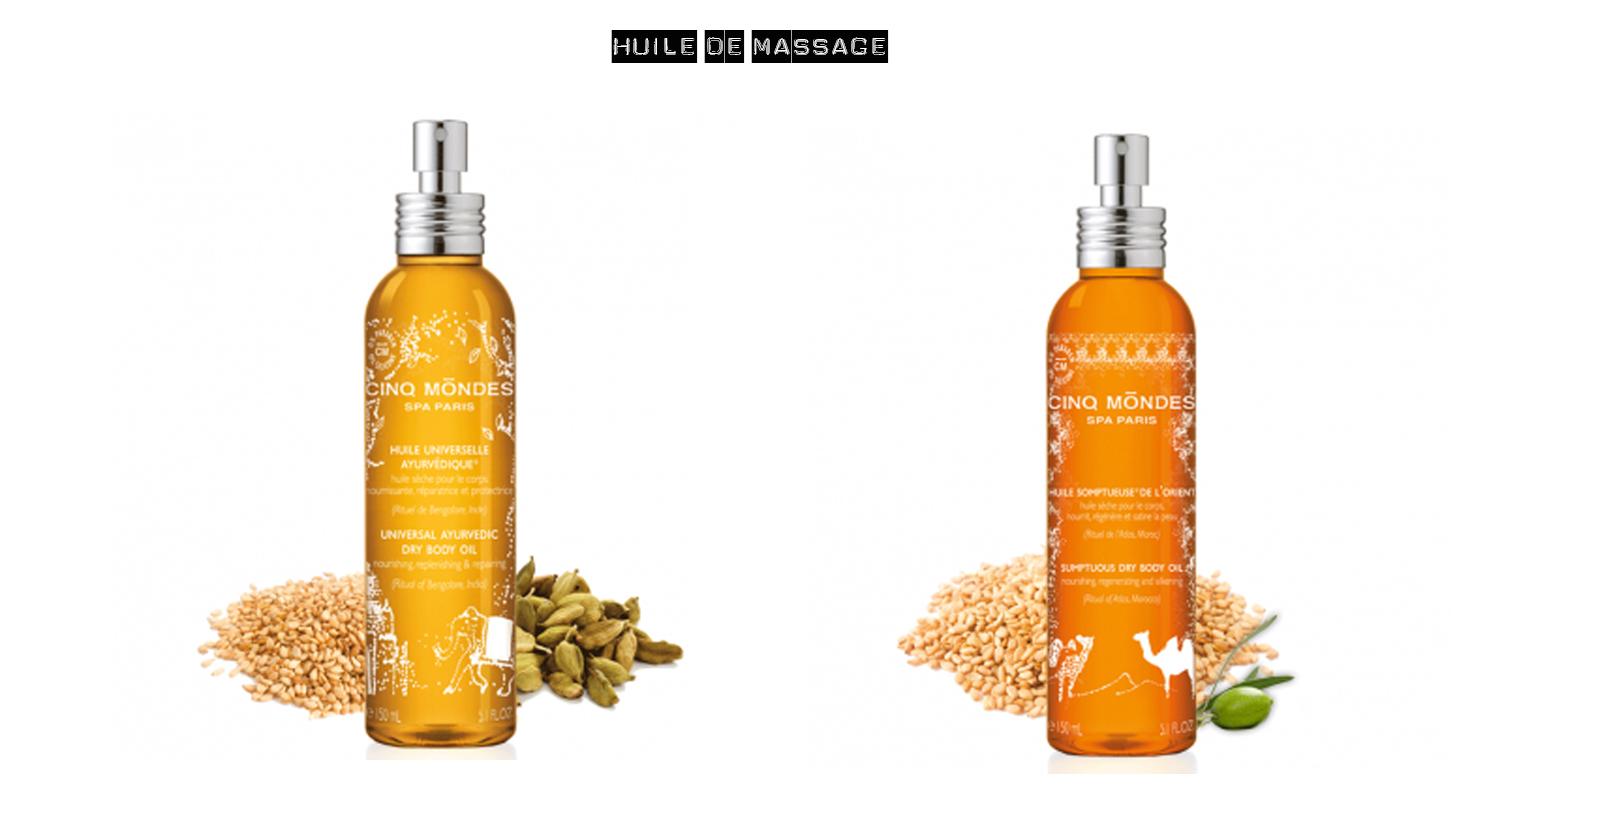 Huile de massage Cinq Mondes